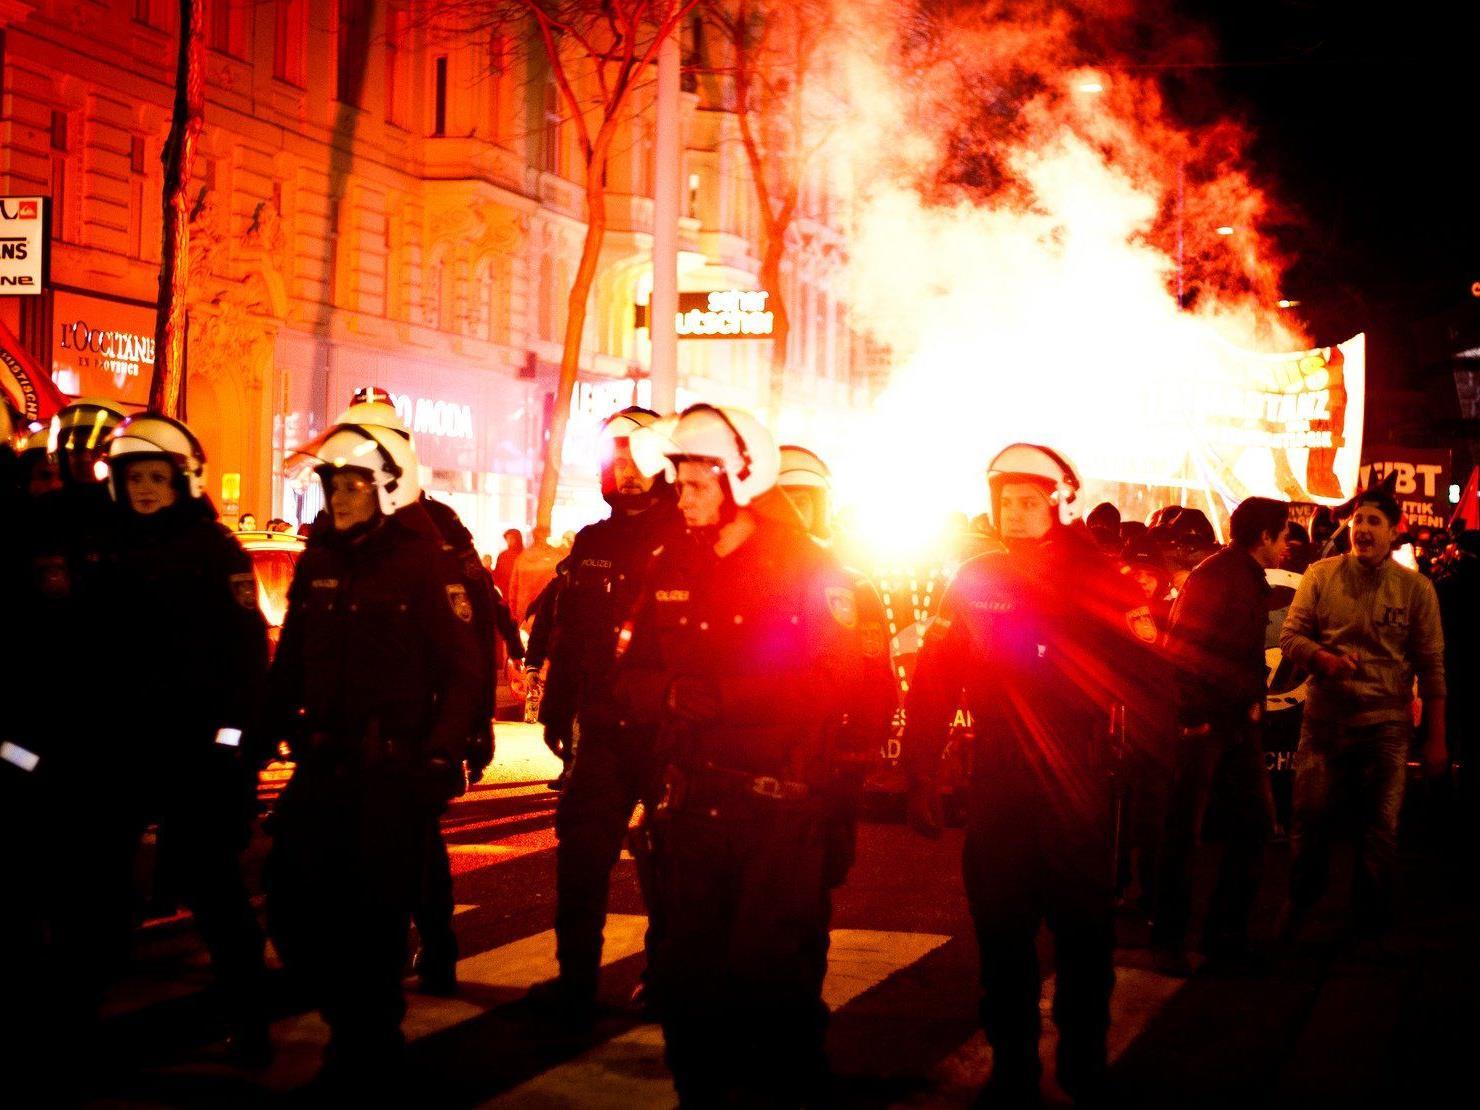 Akademikerball: Schlagabtausch zwischen FPÖ und Polizei